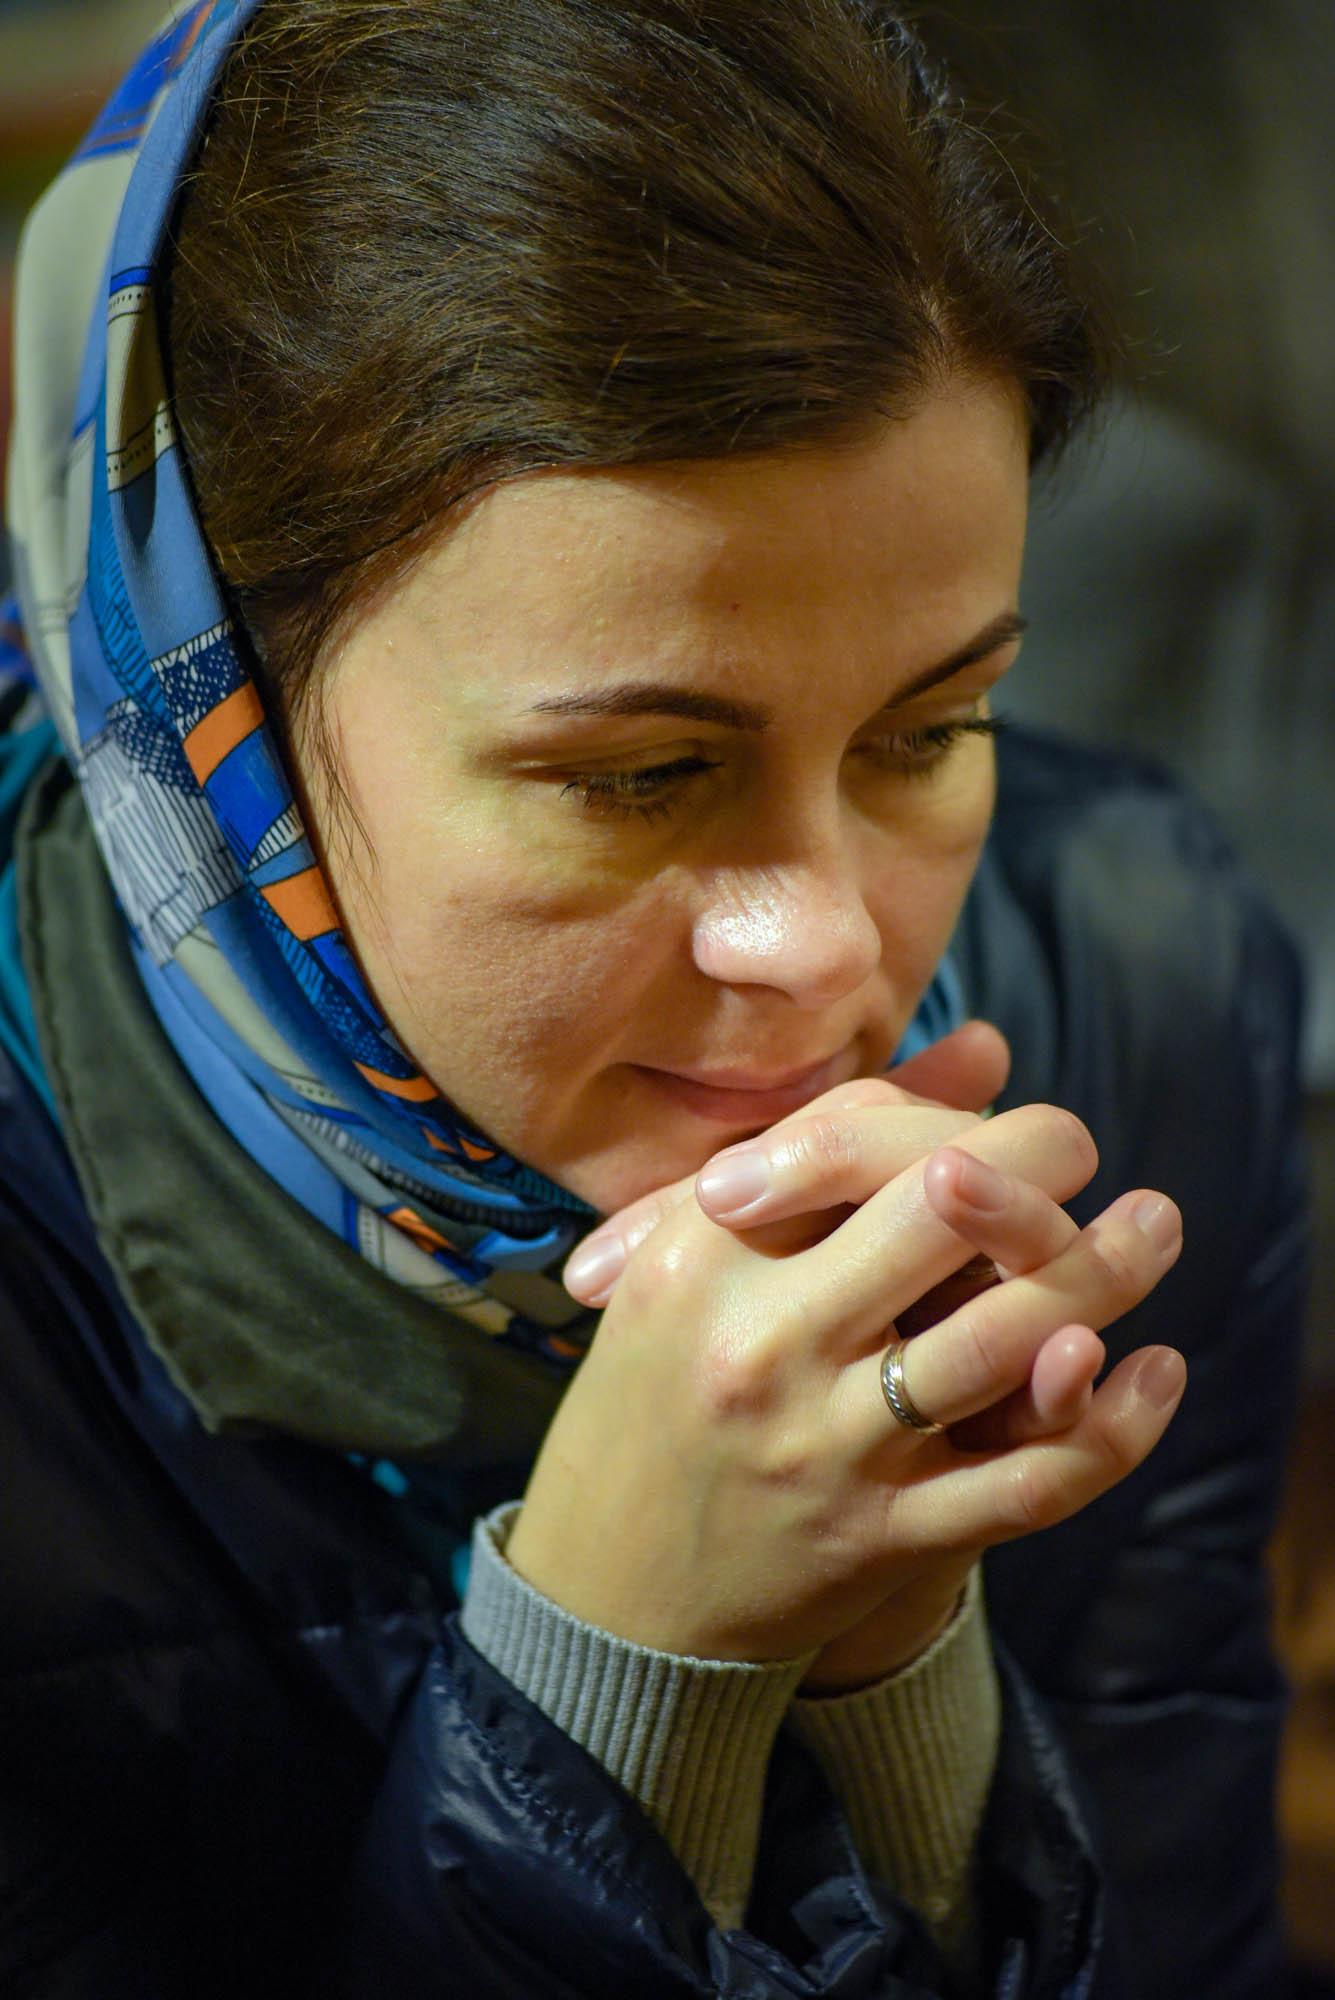 Orthodox photography Sergey Ryzhkov 9721